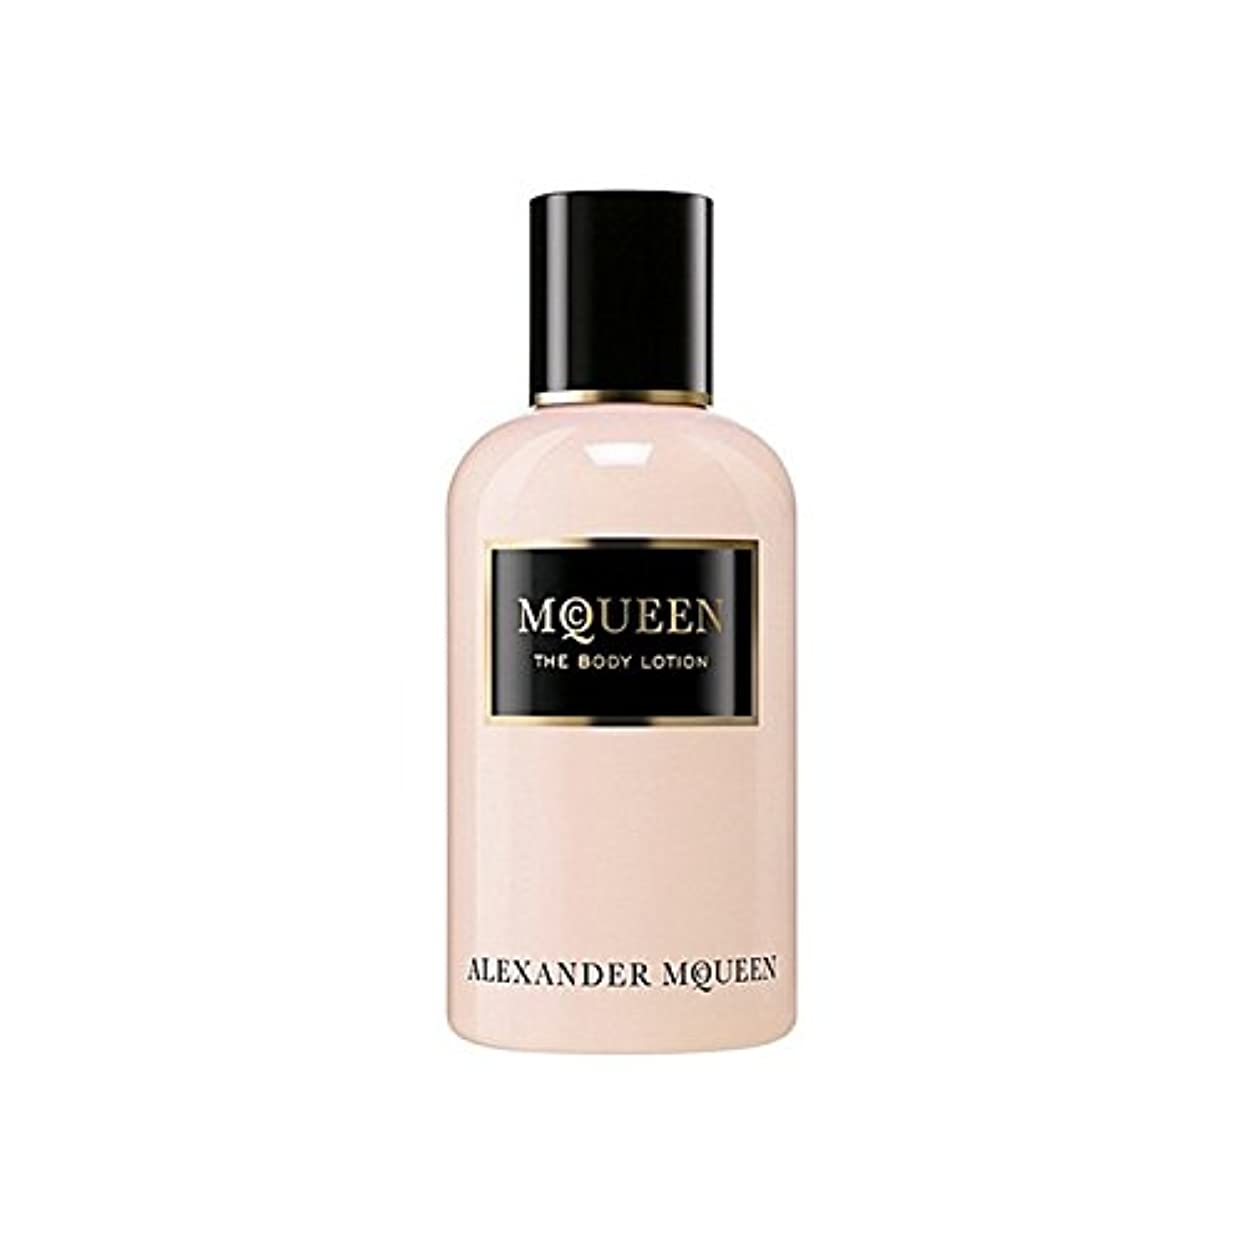 どこ主権者溶かすAlexander Mcqueen Amq Mcqueen Eau De Parfum Body Lotion 250ml - アレキサンダーマックイーンマックイーンオードパルファムボディローション250ミリリットル [...